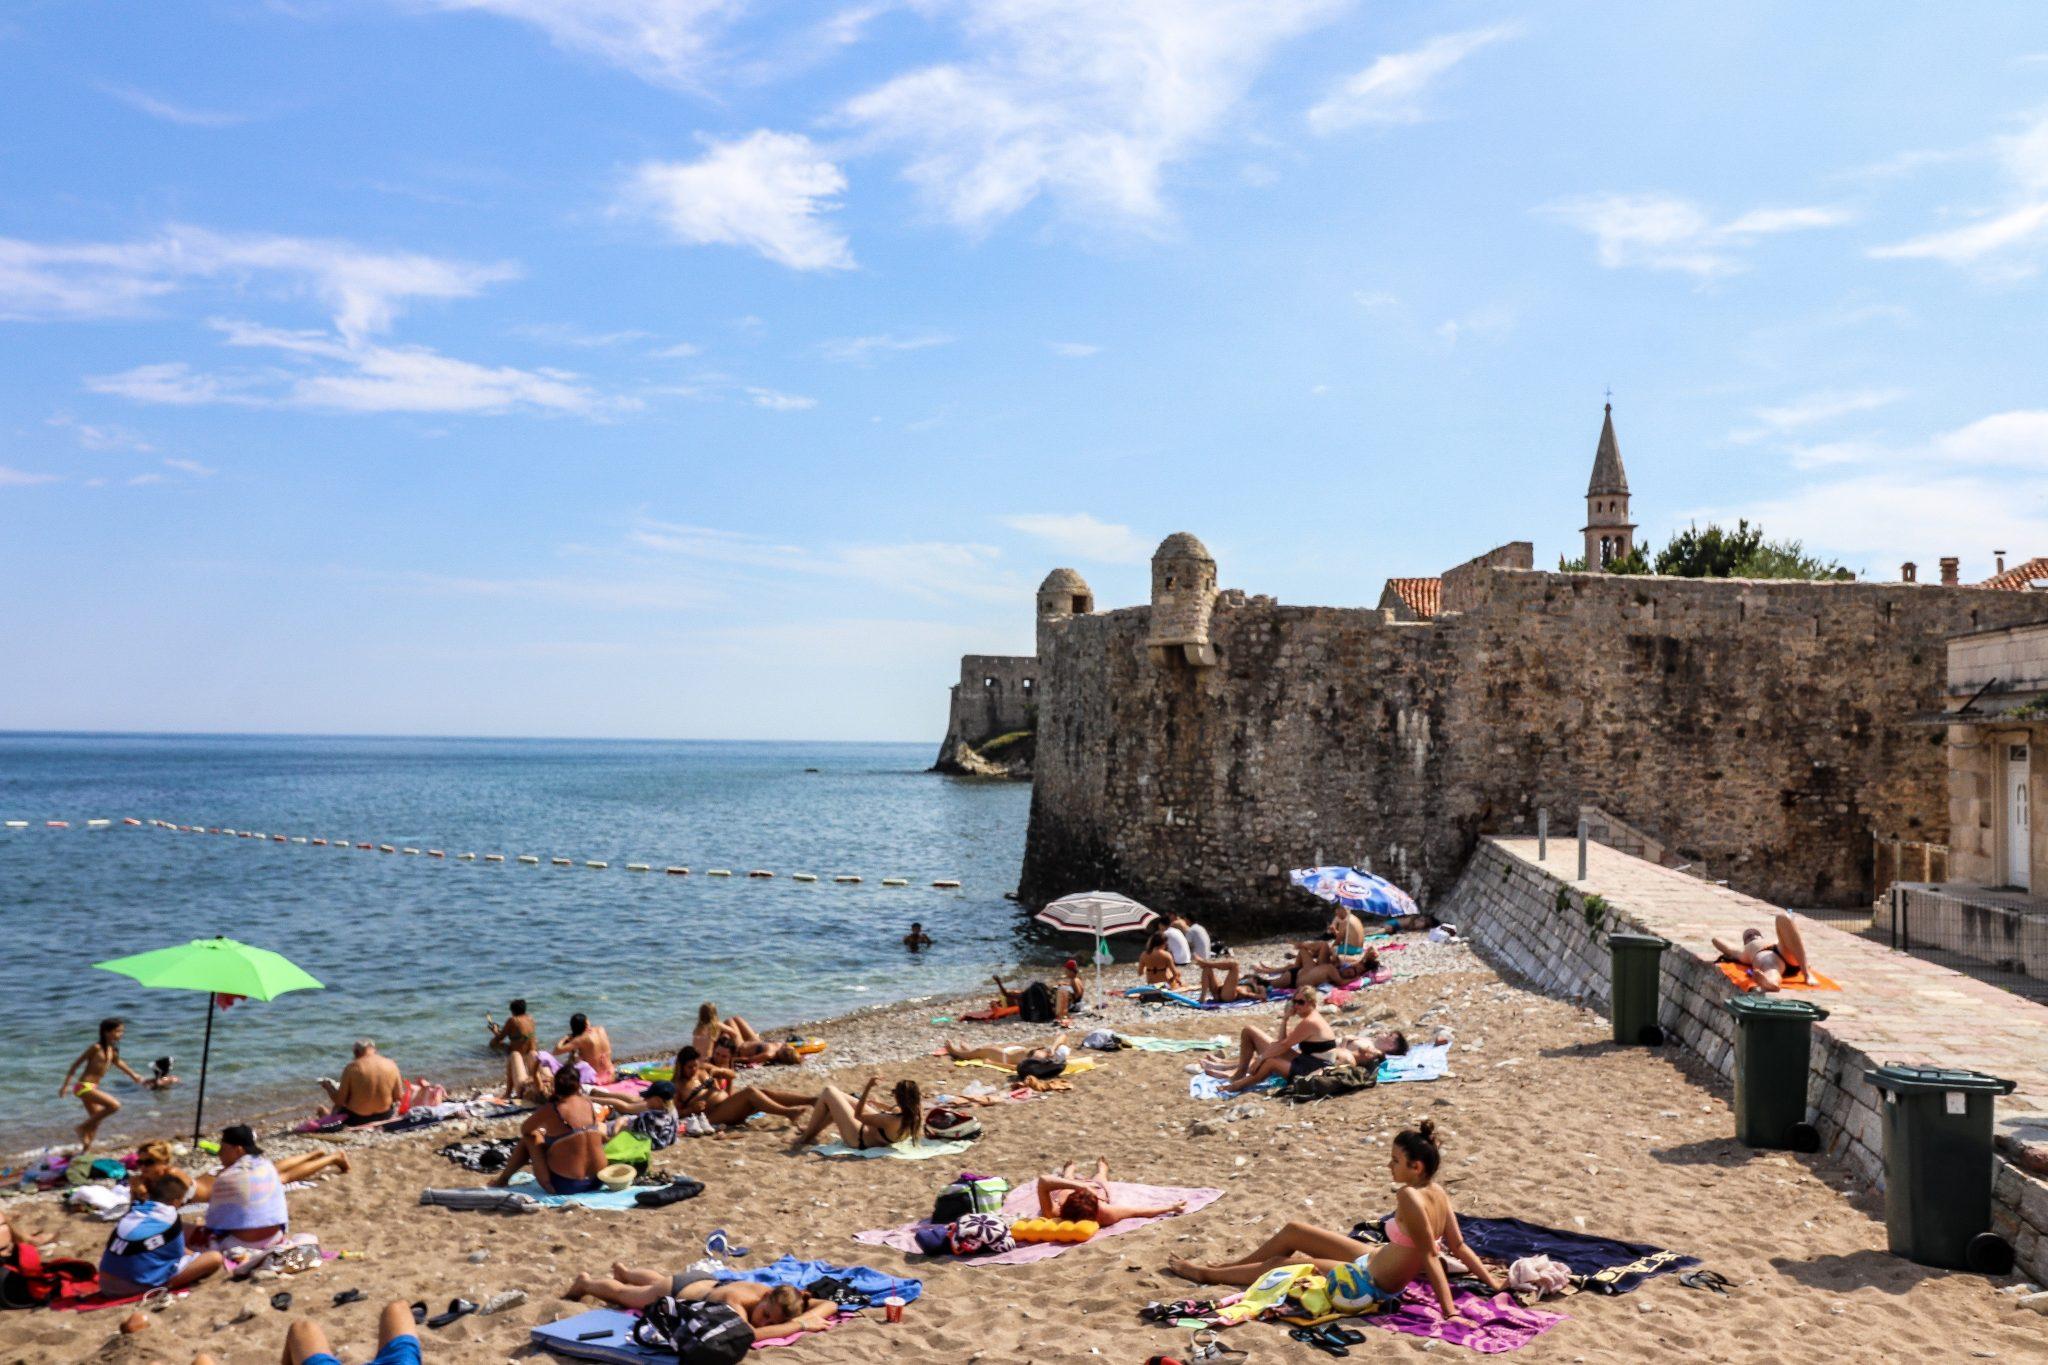 Beaches in Budva, Montenegro